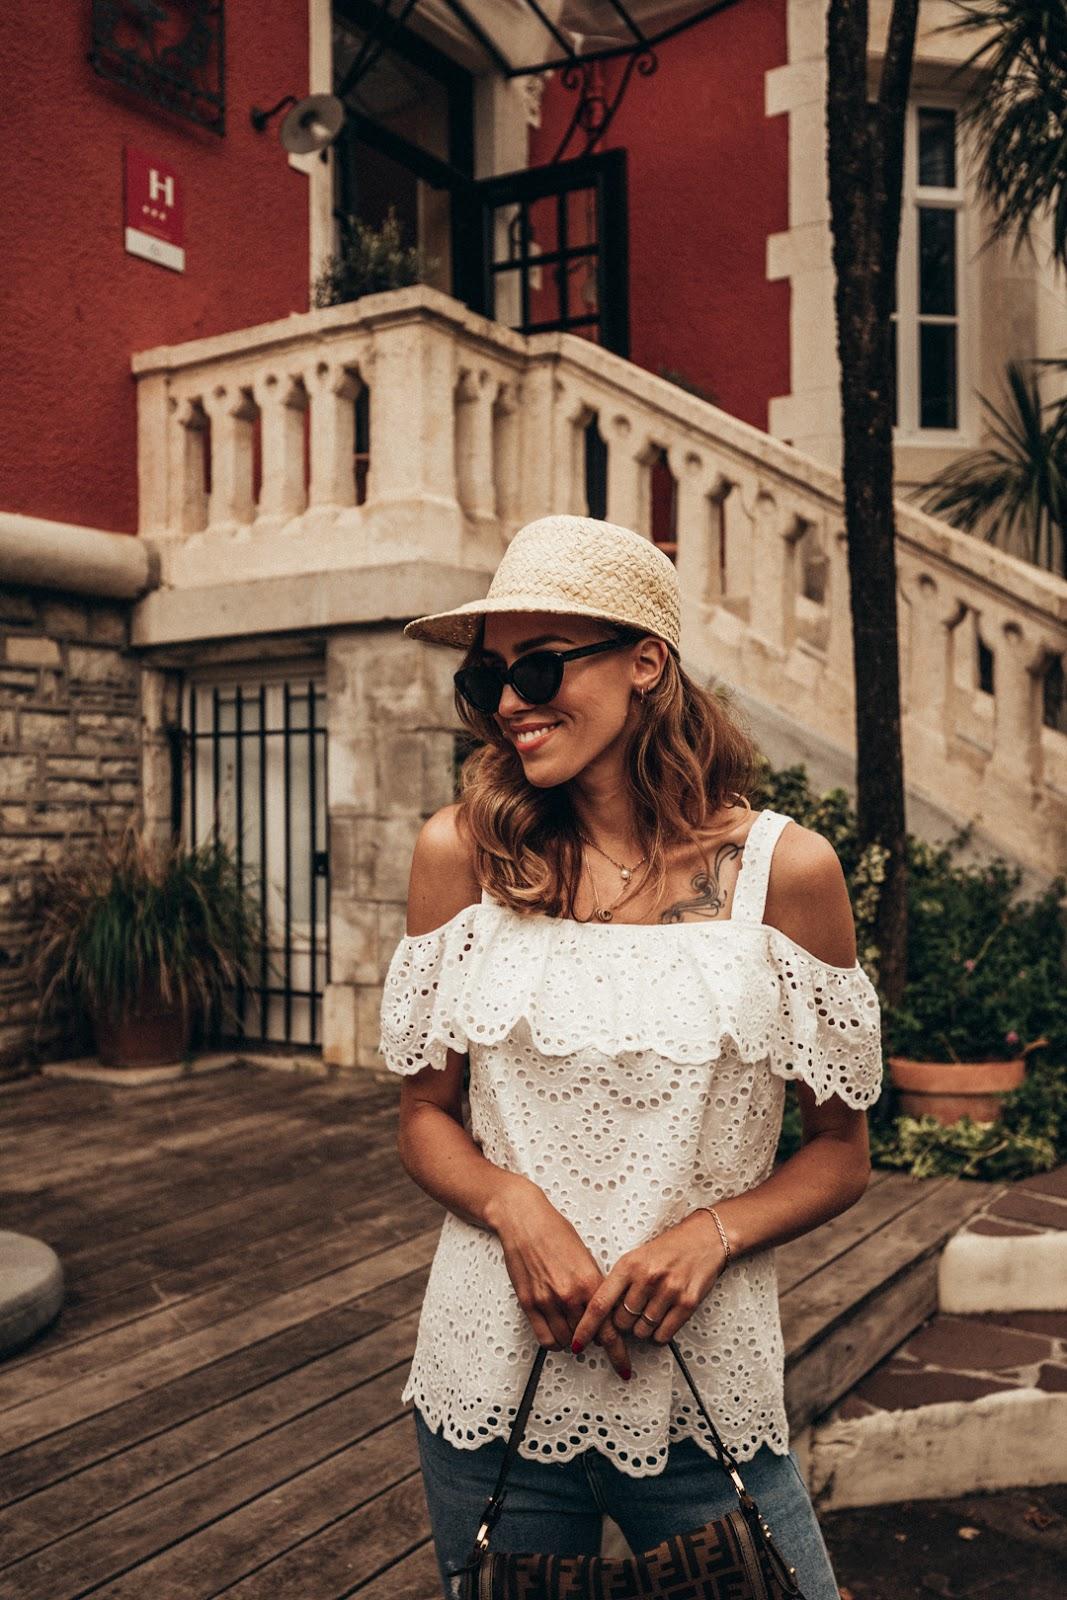 hotel la maison du lierre biarritz france review